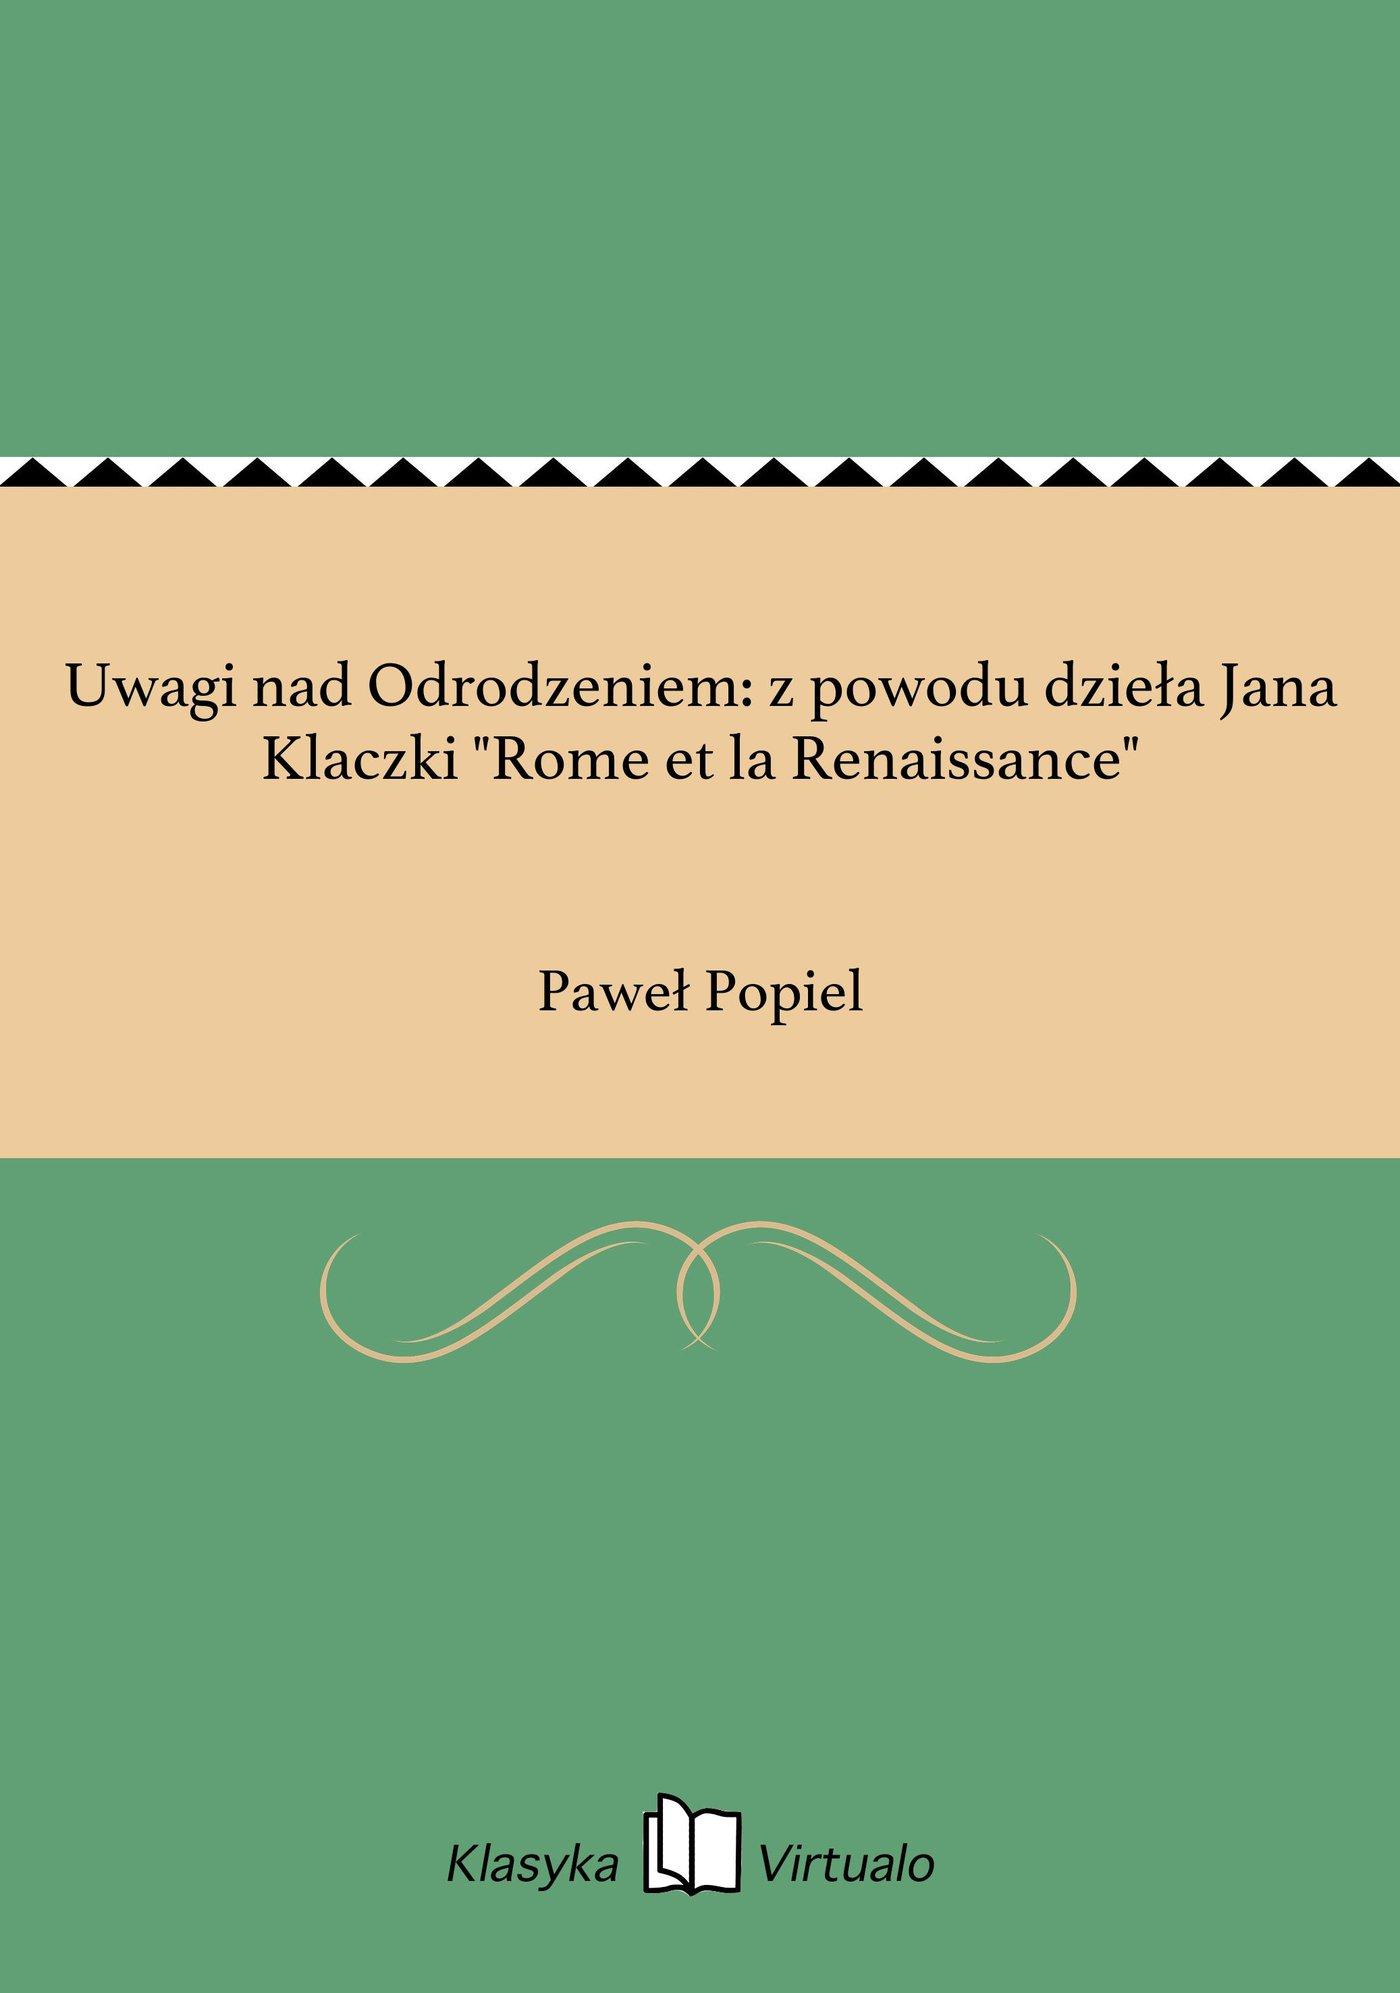 """Uwagi nad Odrodzeniem: z powodu dzieła Jana Klaczki """"Rome et la Renaissance"""" - Ebook (Książka na Kindle) do pobrania w formacie MOBI"""